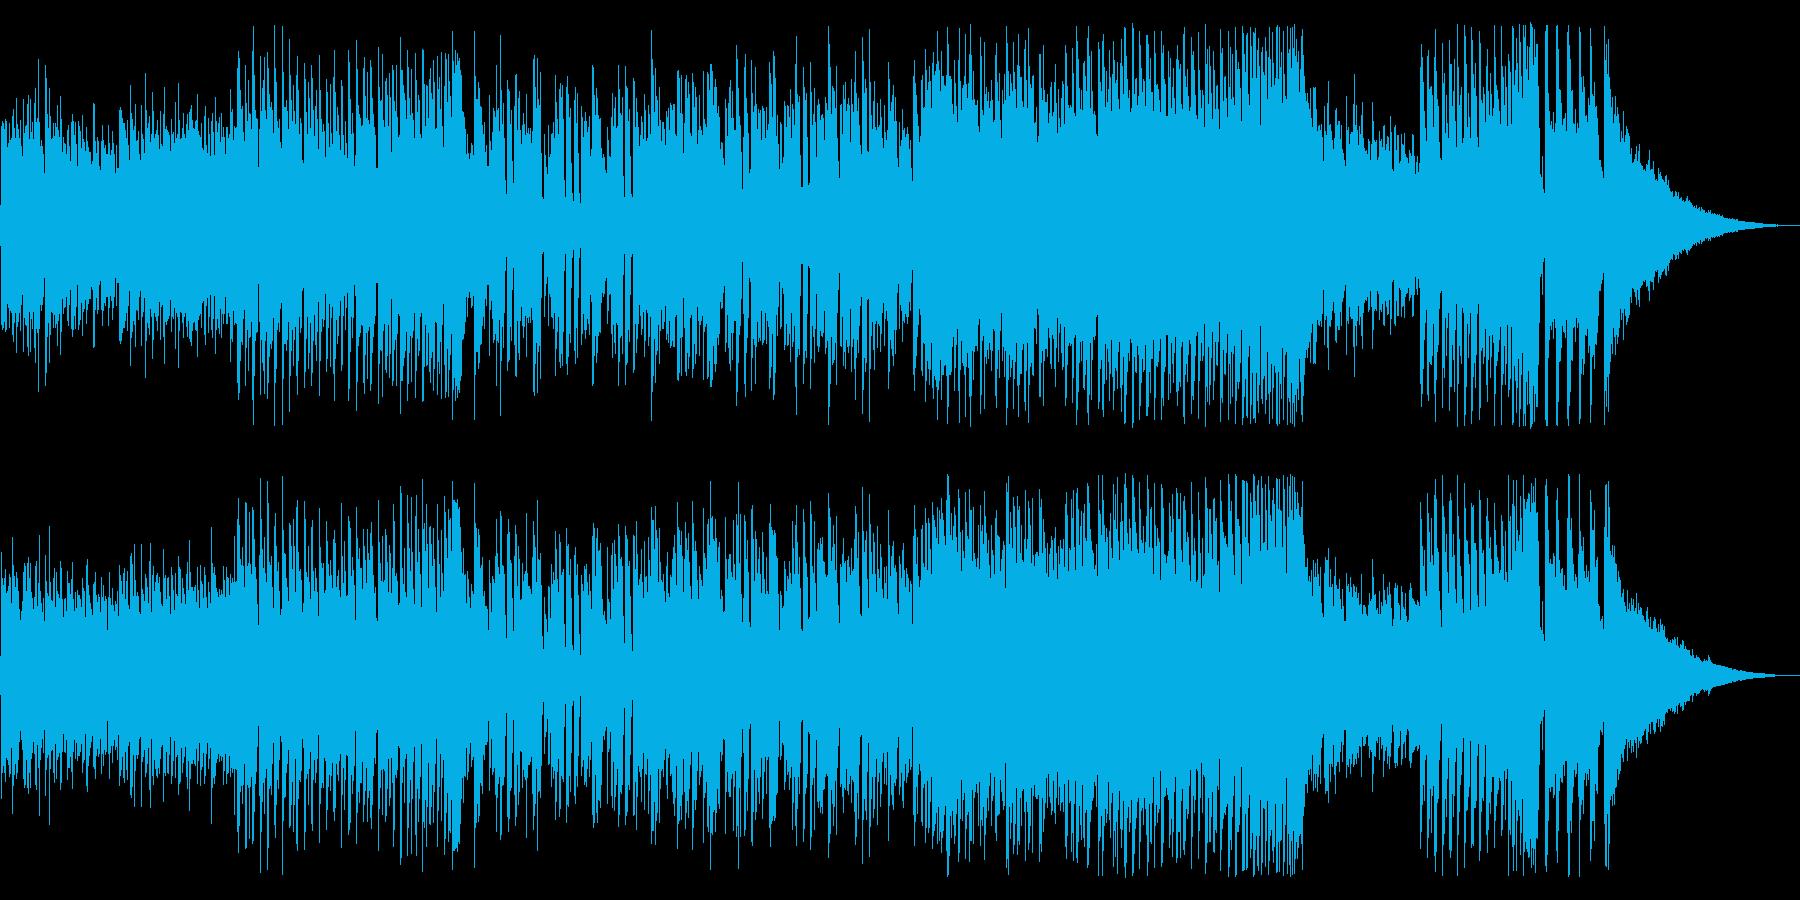 エネルギーある爽快なテクノミュージックの再生済みの波形